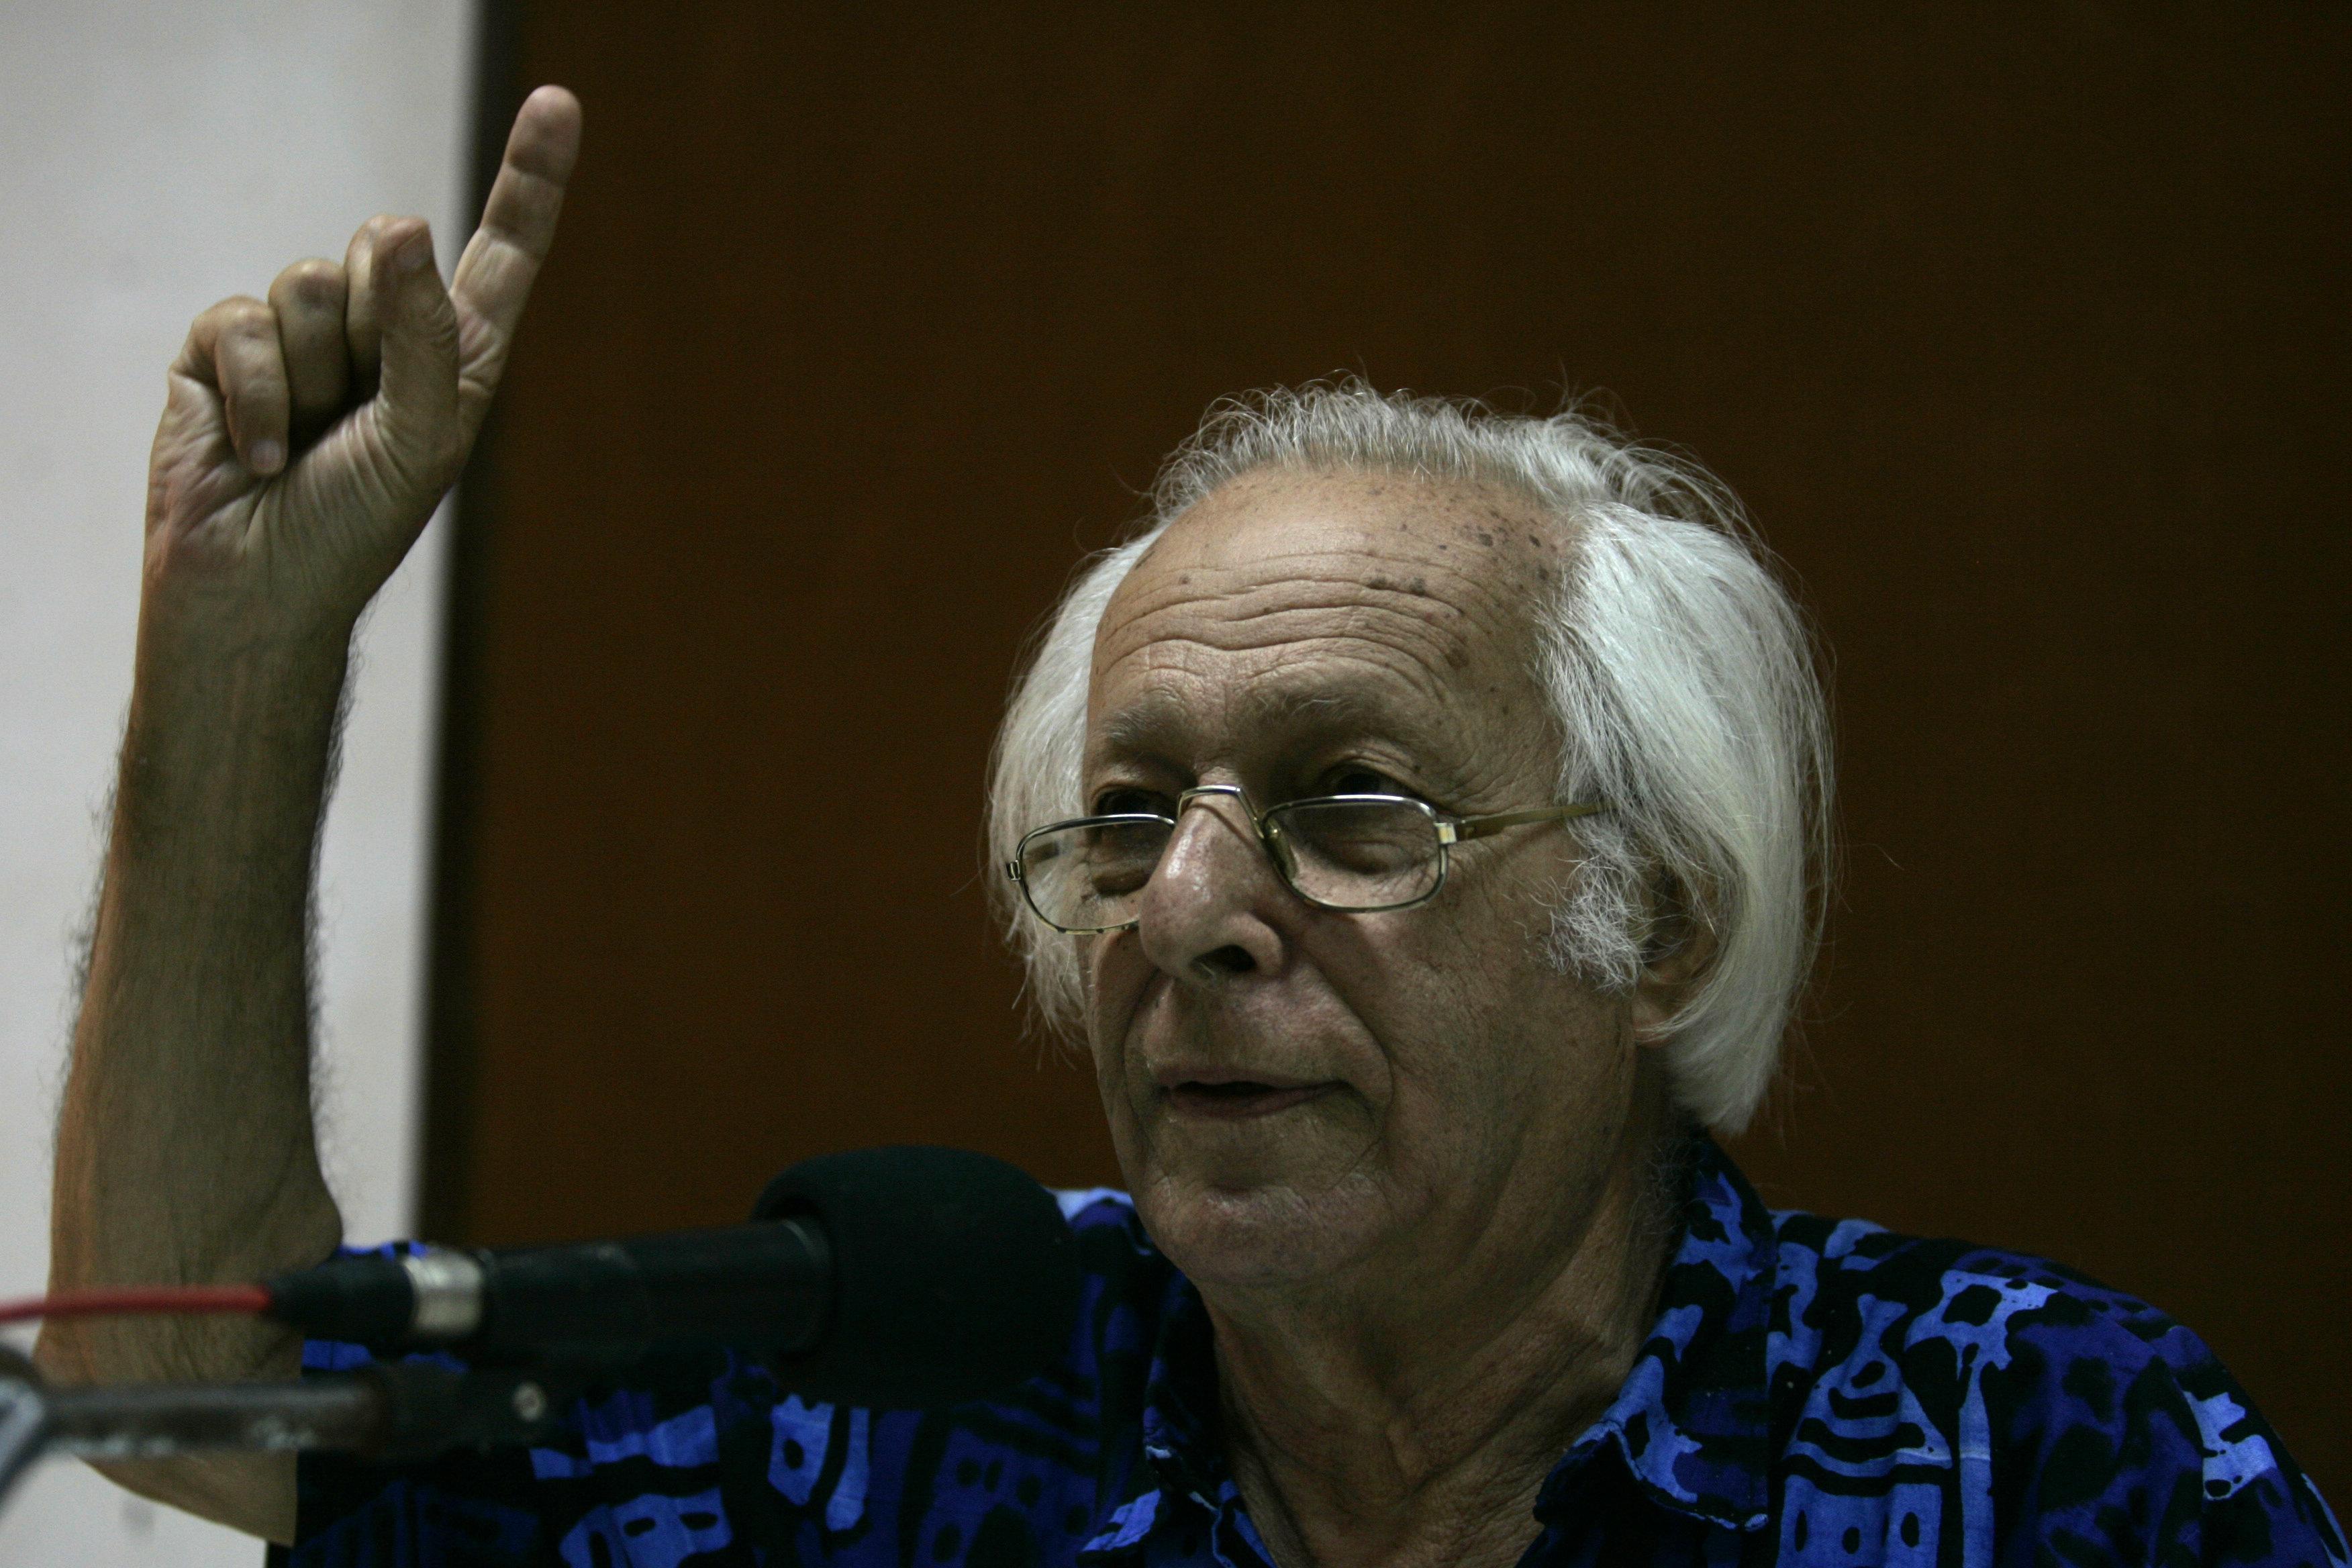 Décès de l'economiste marxiste franco-egyptien Samir